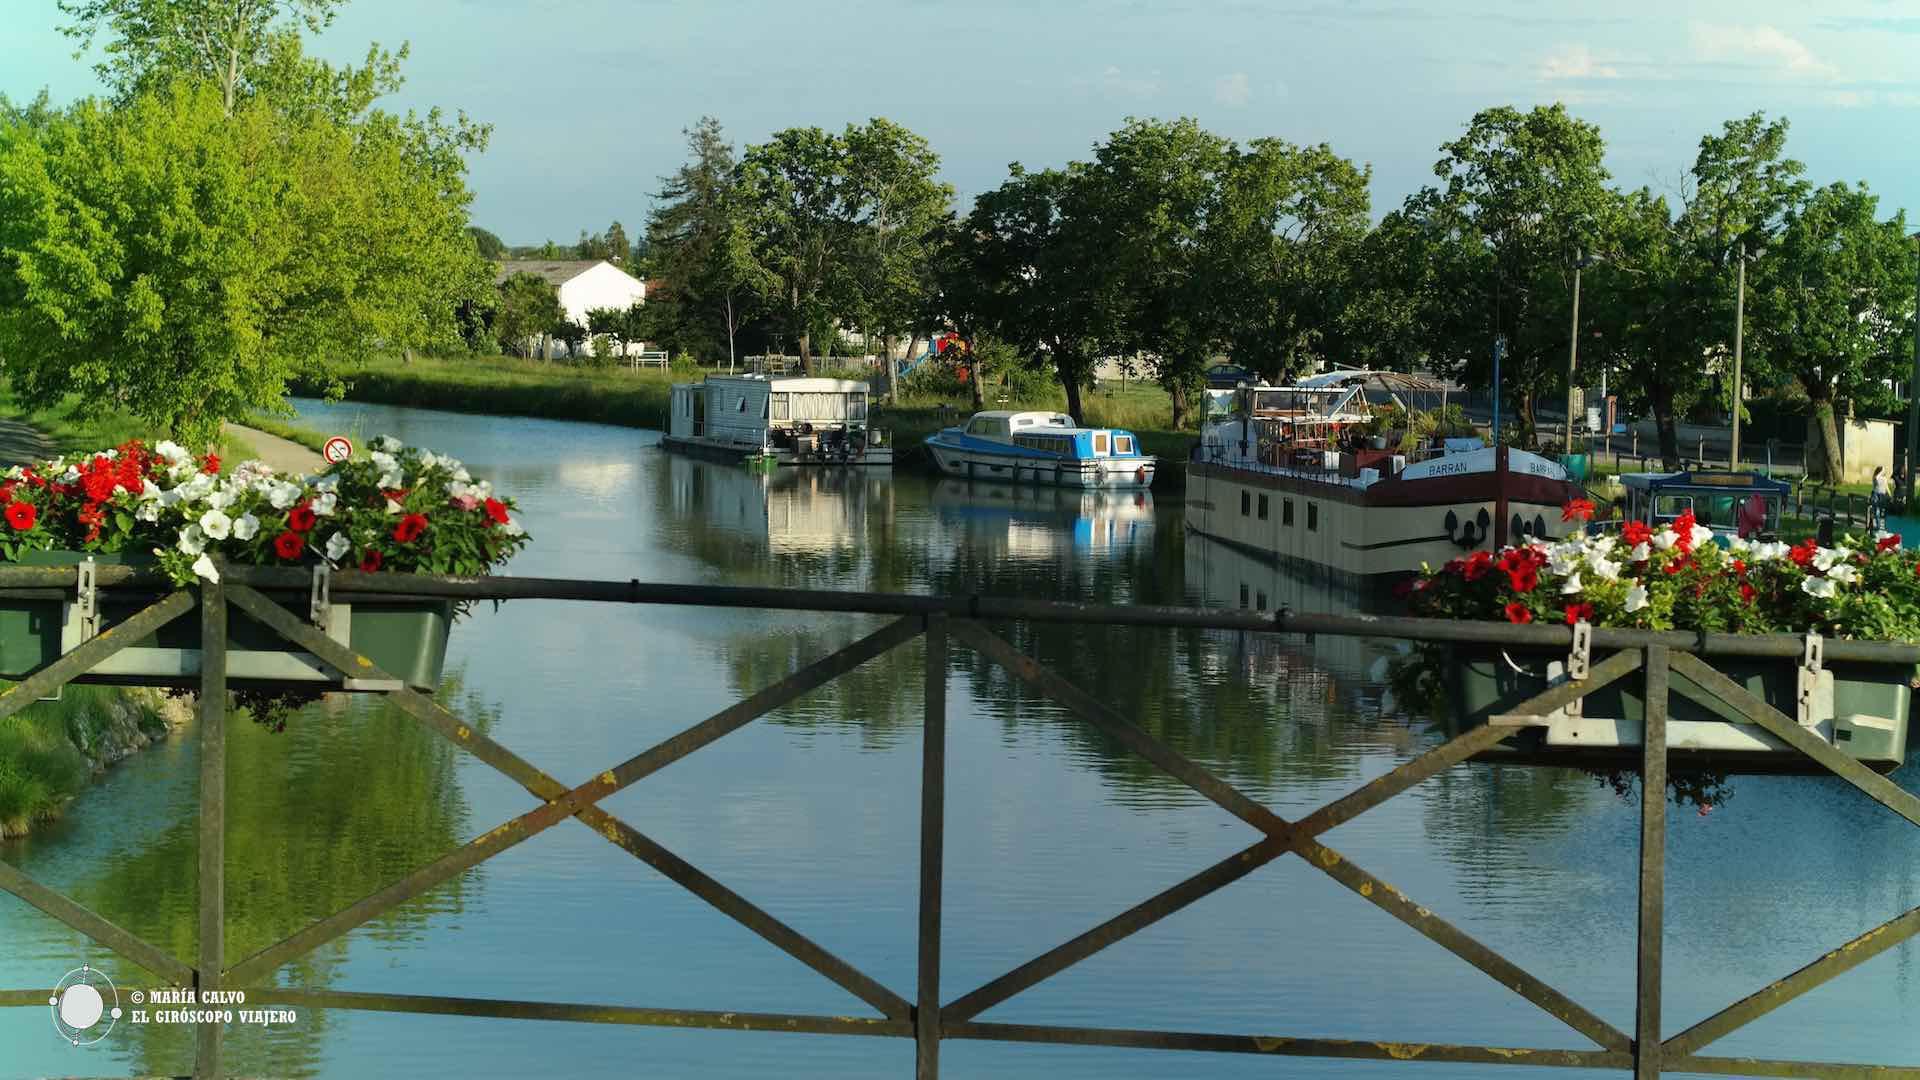 A lo largo del Canal del Garonne nos encontramos rincones llenos de belleza